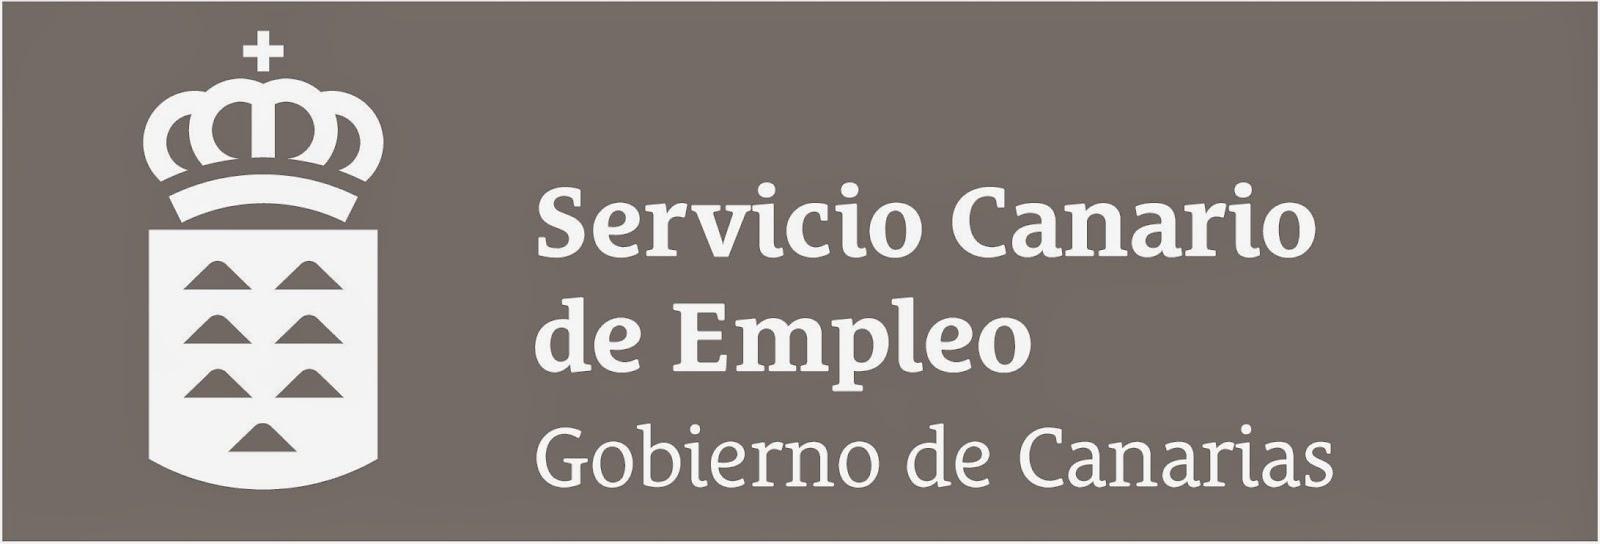 Contrato de servicio para la gestión del archivo central del Servicio Canario de Empleo